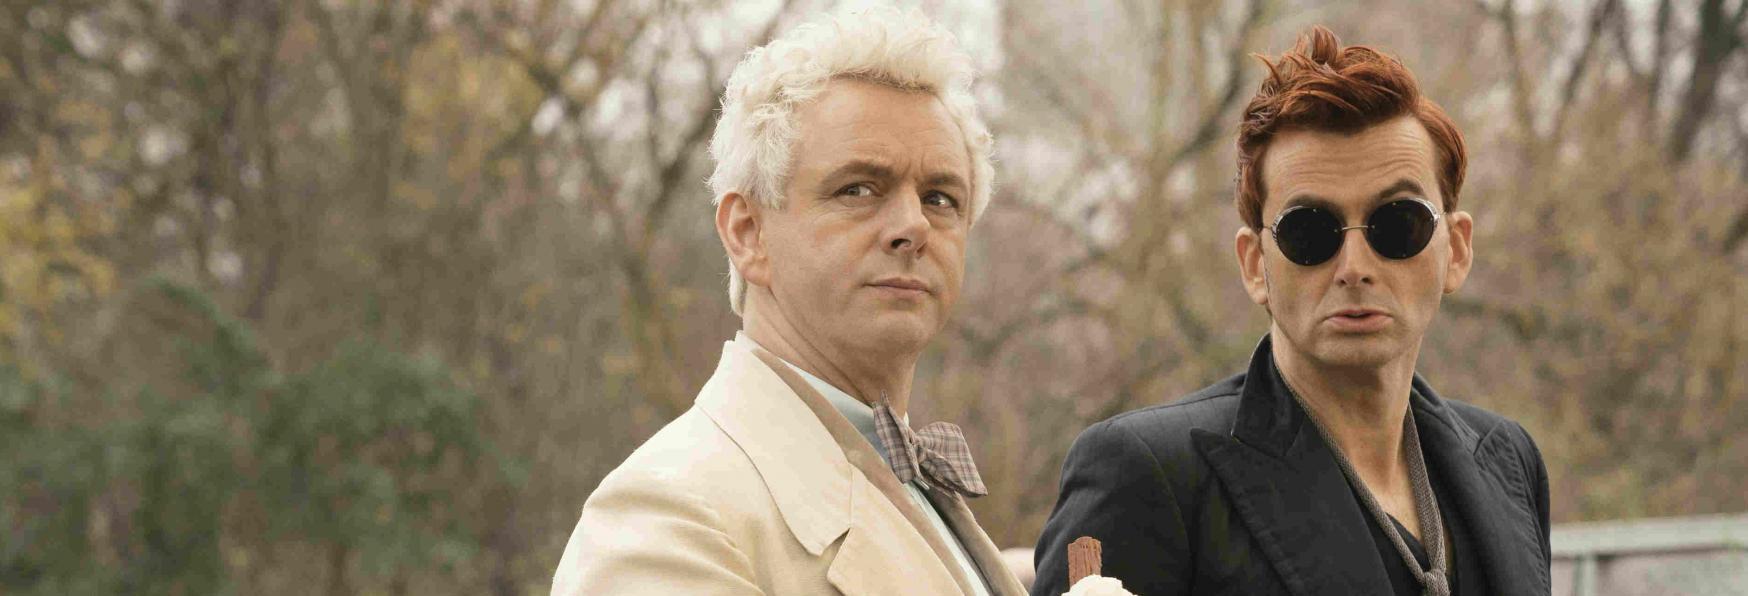 Staged: David Tennant e Michael Sheen insieme in una nuova Commedia BBC